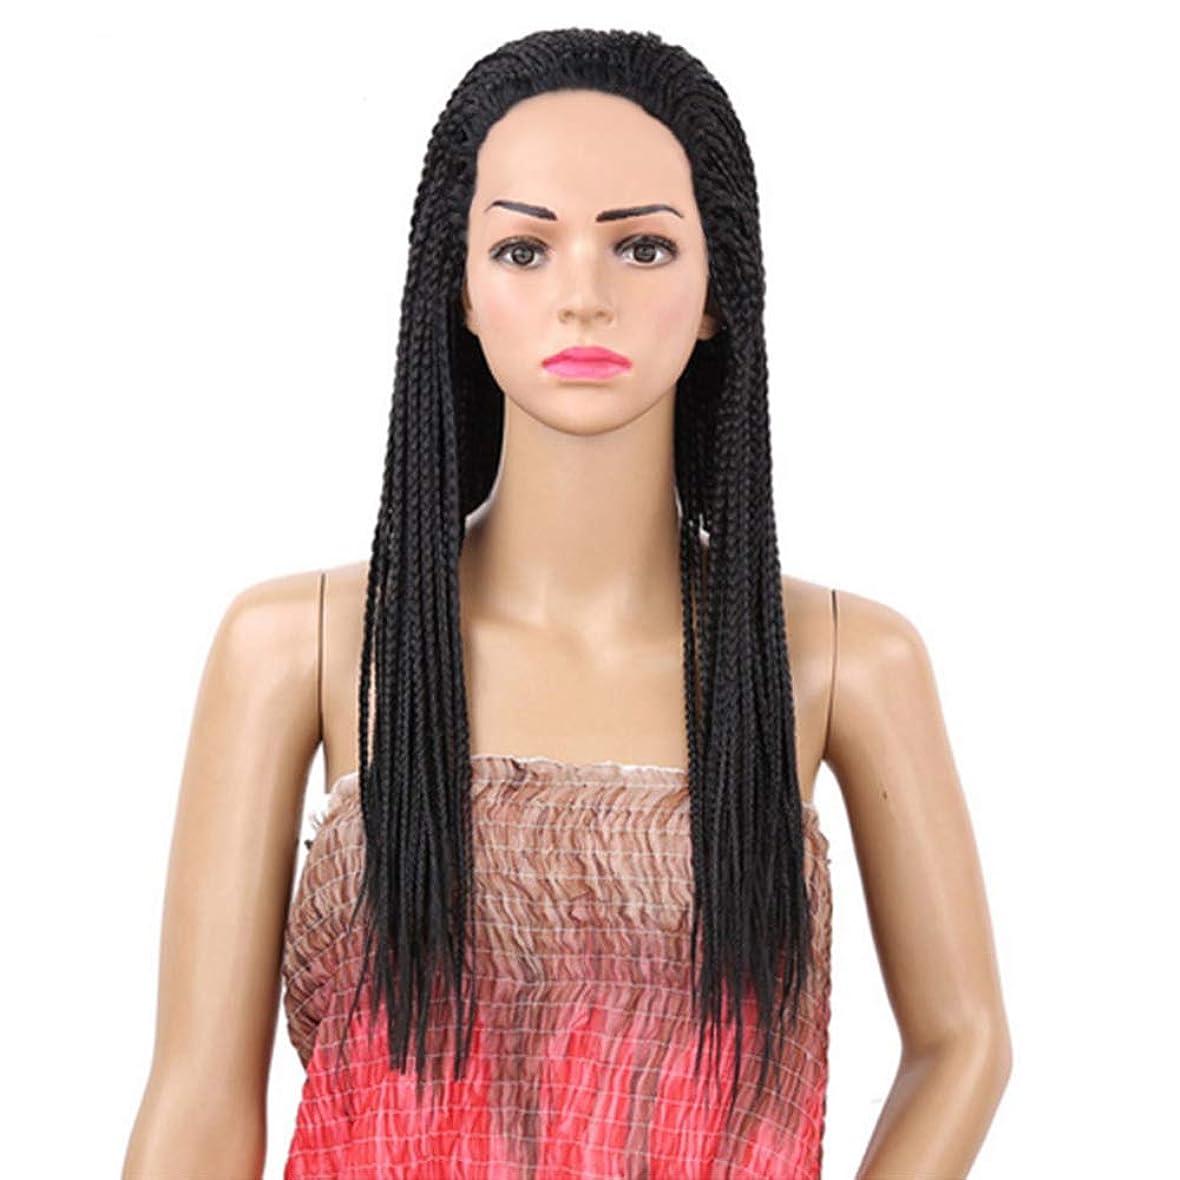 叙情的な最近促すレースフロントウィッグ汚れた100%未処理のバージンヘアブラジル人のRemy人間の髪の毛ストレートヘアレースウィッグと赤ちゃんの髪180%密度72 cm